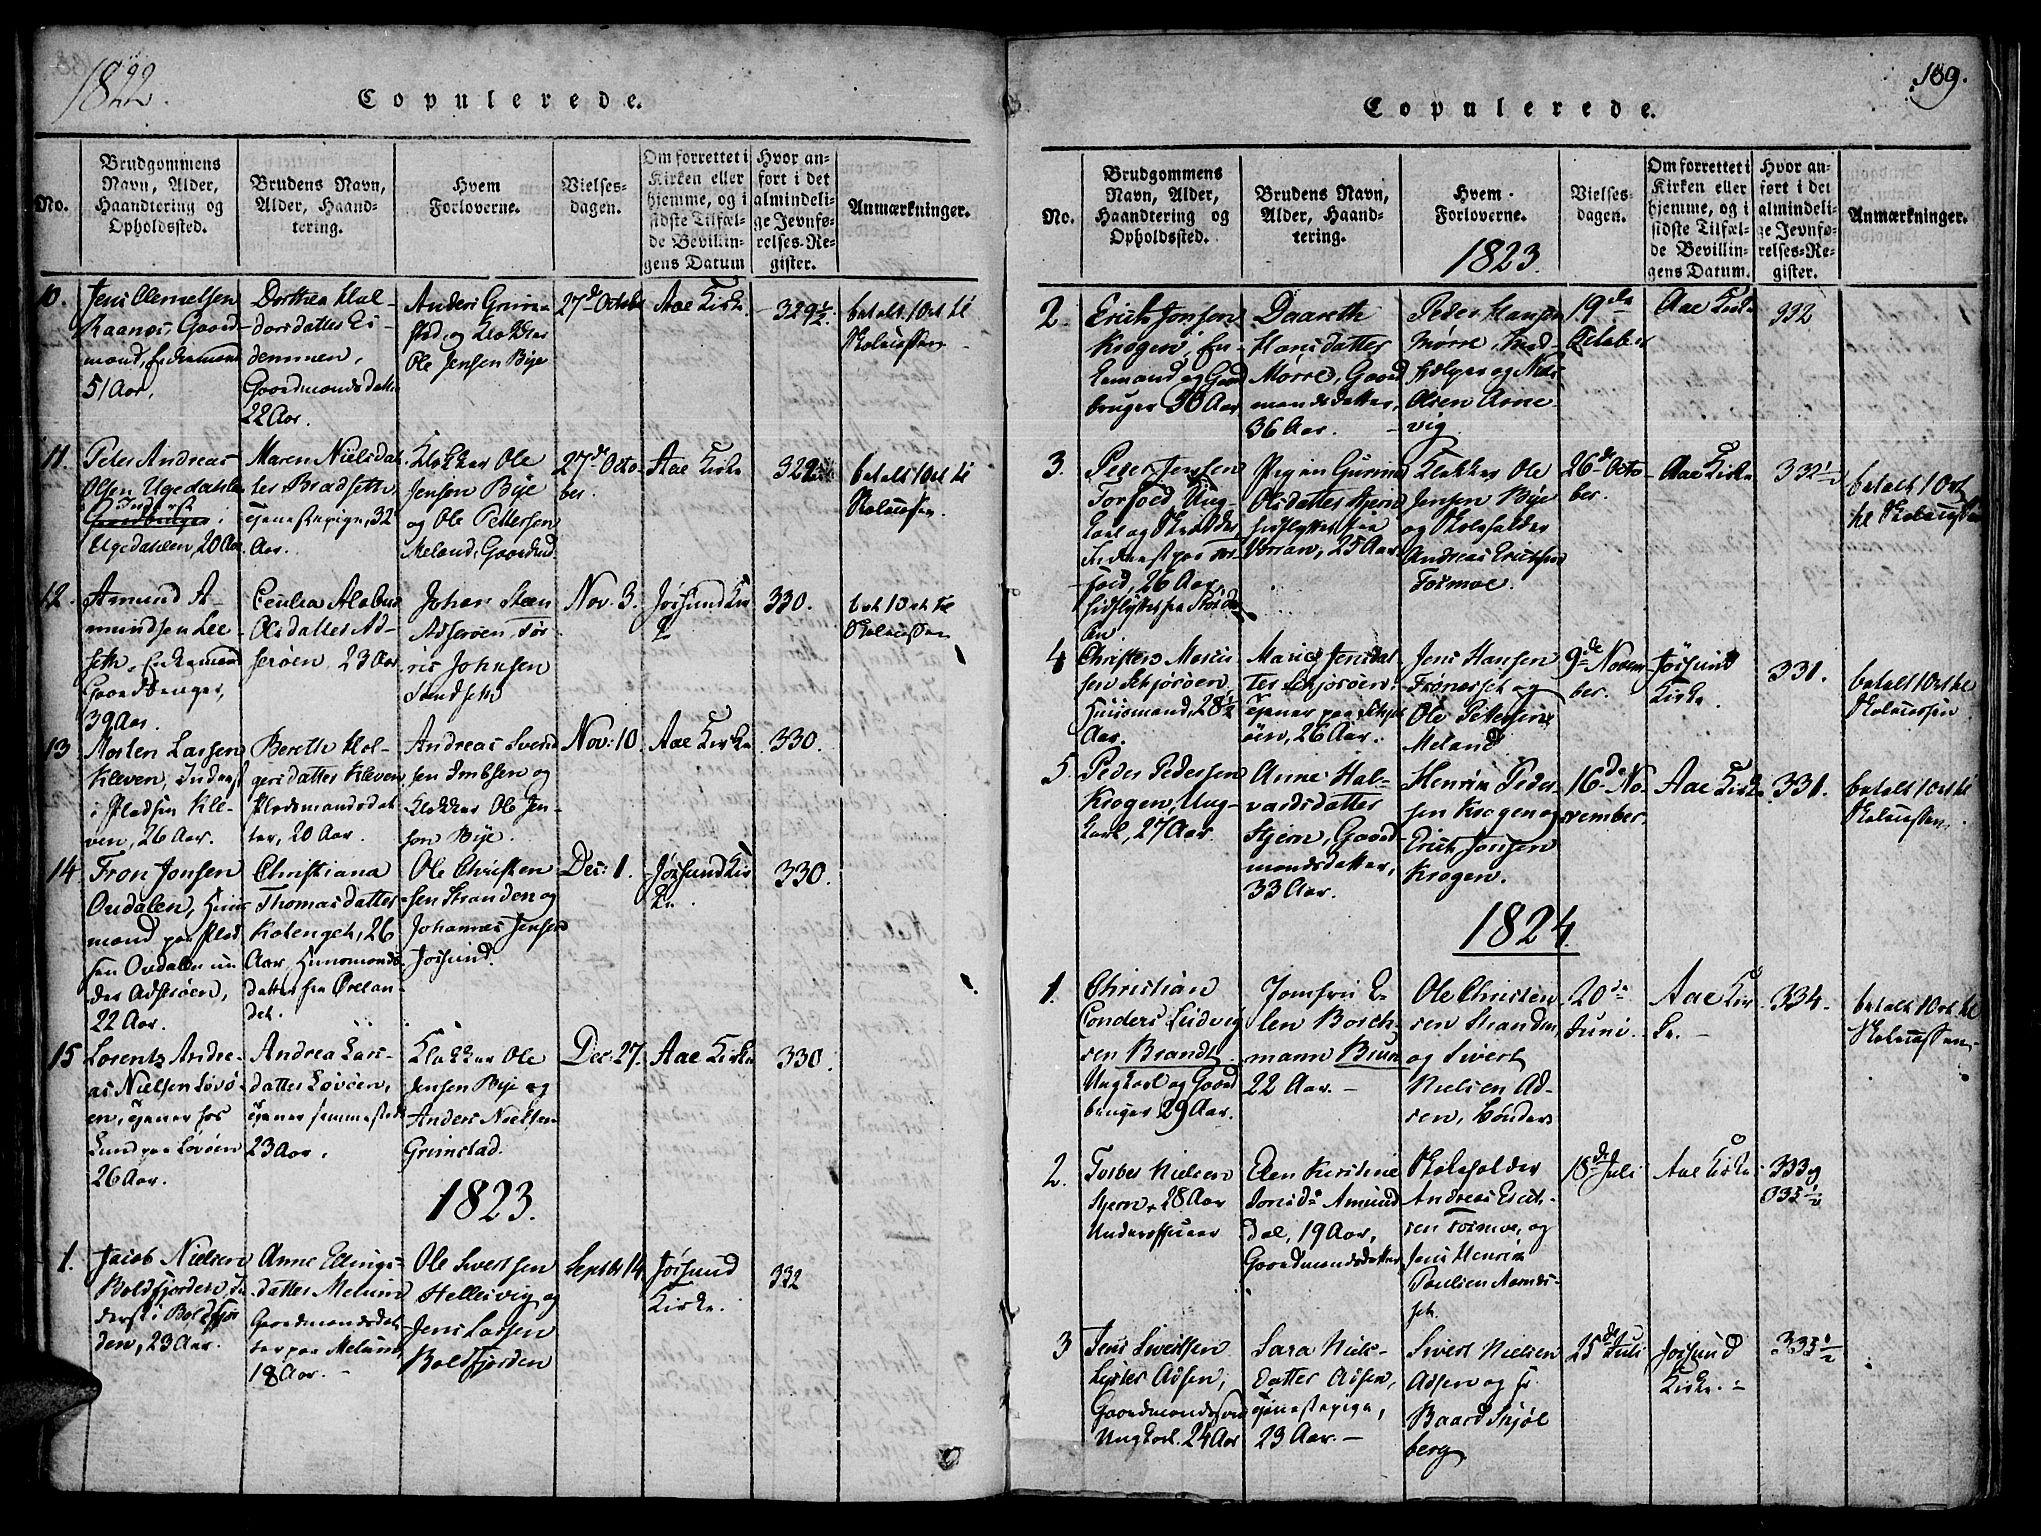 SAT, Ministerialprotokoller, klokkerbøker og fødselsregistre - Sør-Trøndelag, 655/L0675: Ministerialbok nr. 655A04, 1818-1830, s. 189